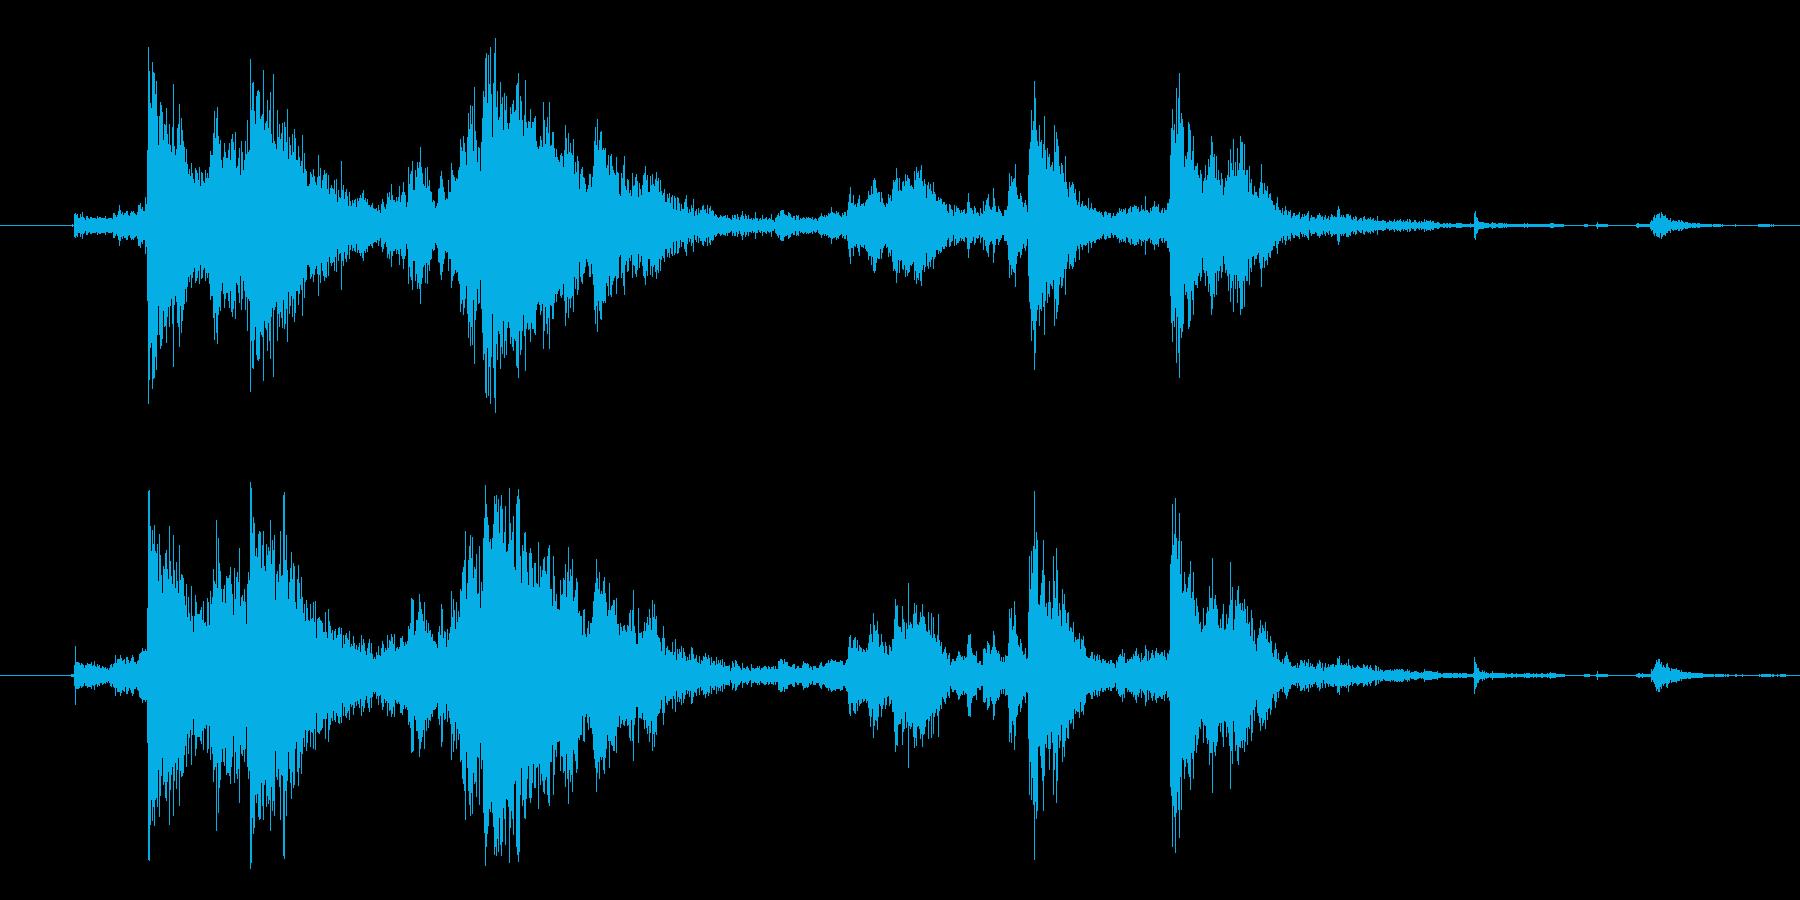 メタル クラッシュミディアム07の再生済みの波形